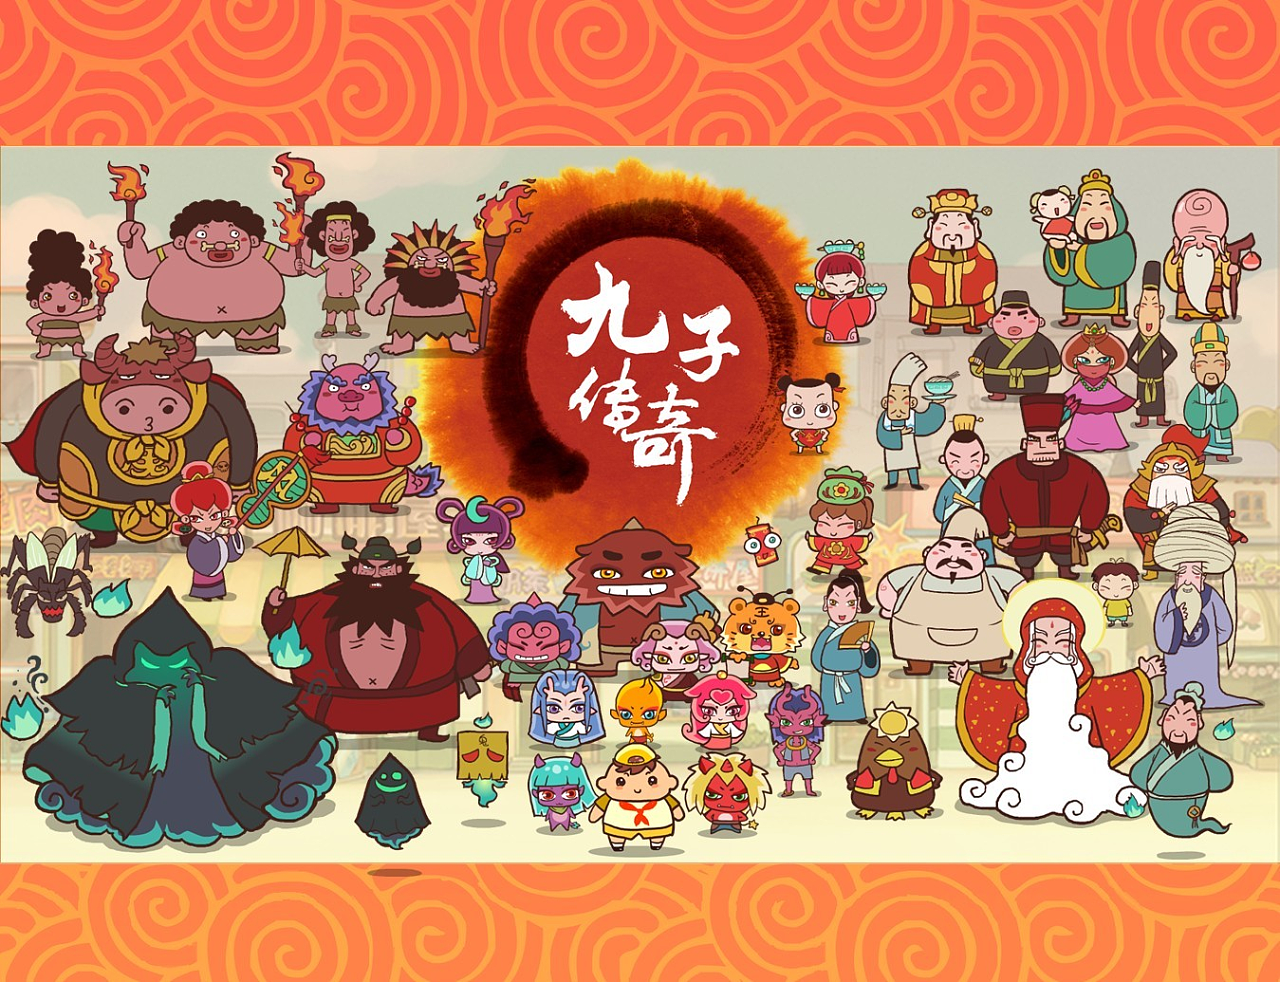 中国美食动漫原创动画|美食|动画片|a美食果v美食吃题材必永汉图片